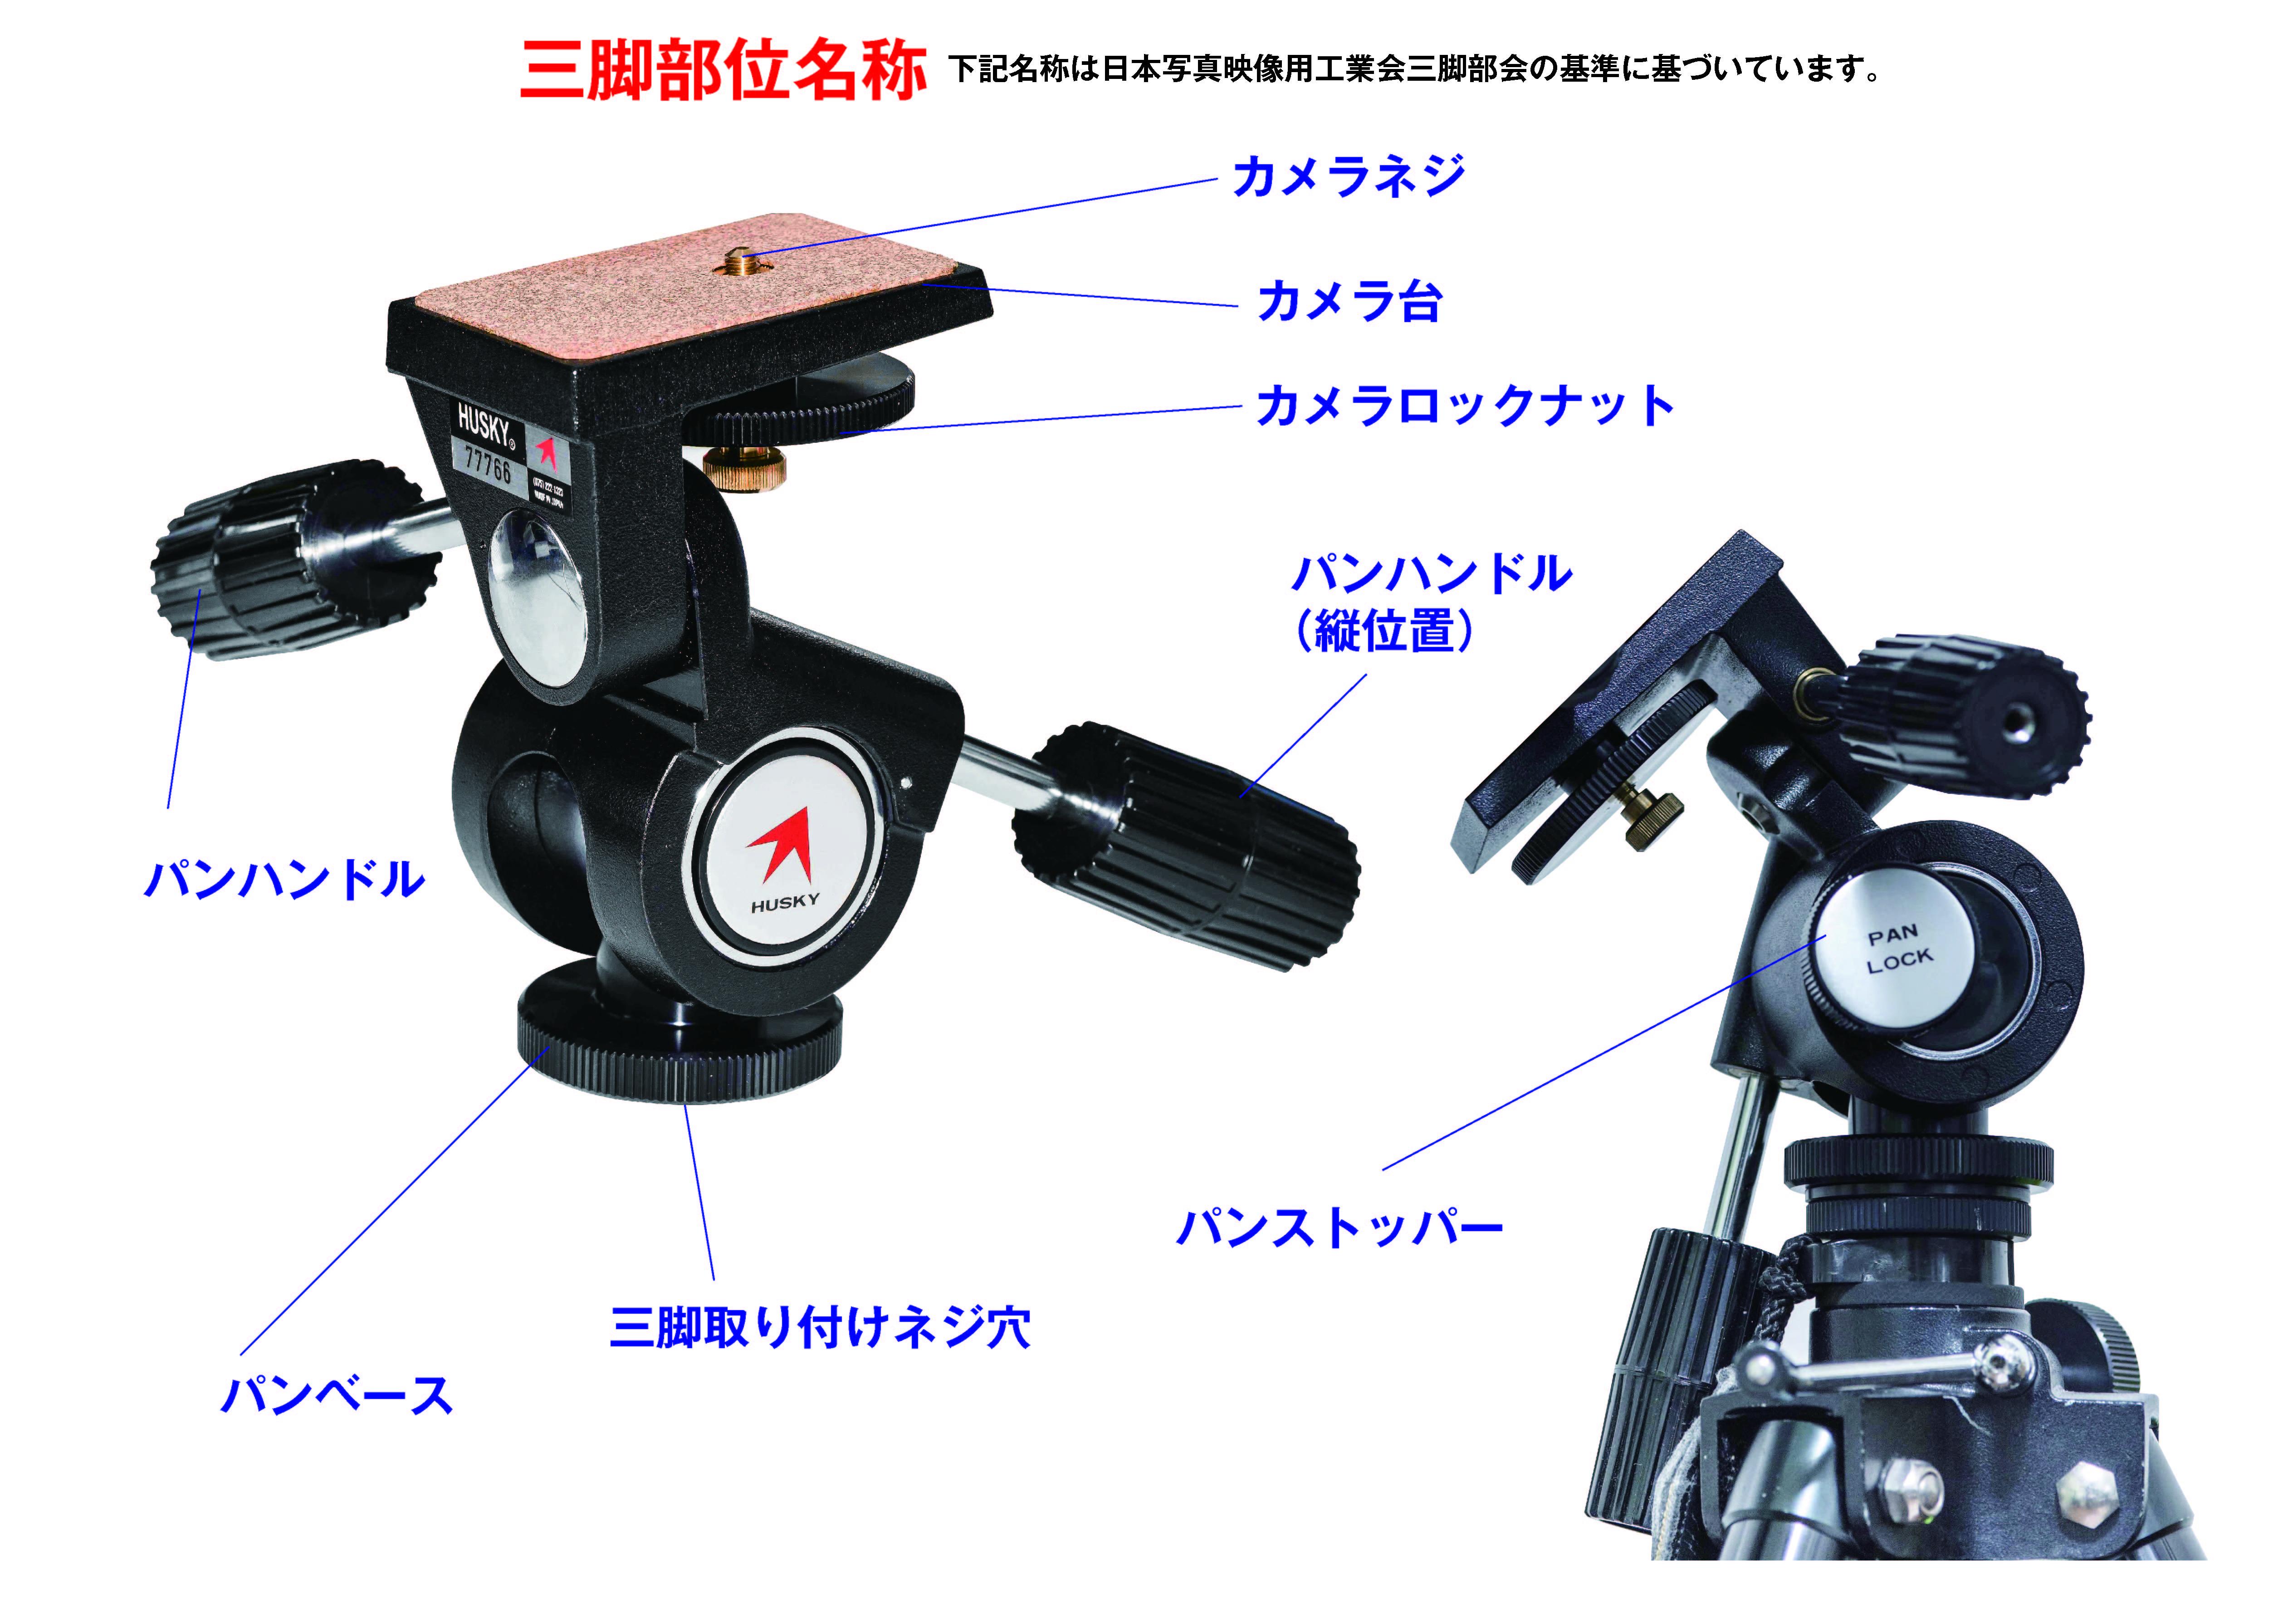 使いやすい三脚 ≒ 使いやすい雲台 | カメラと三脚とアルカスイスと ...